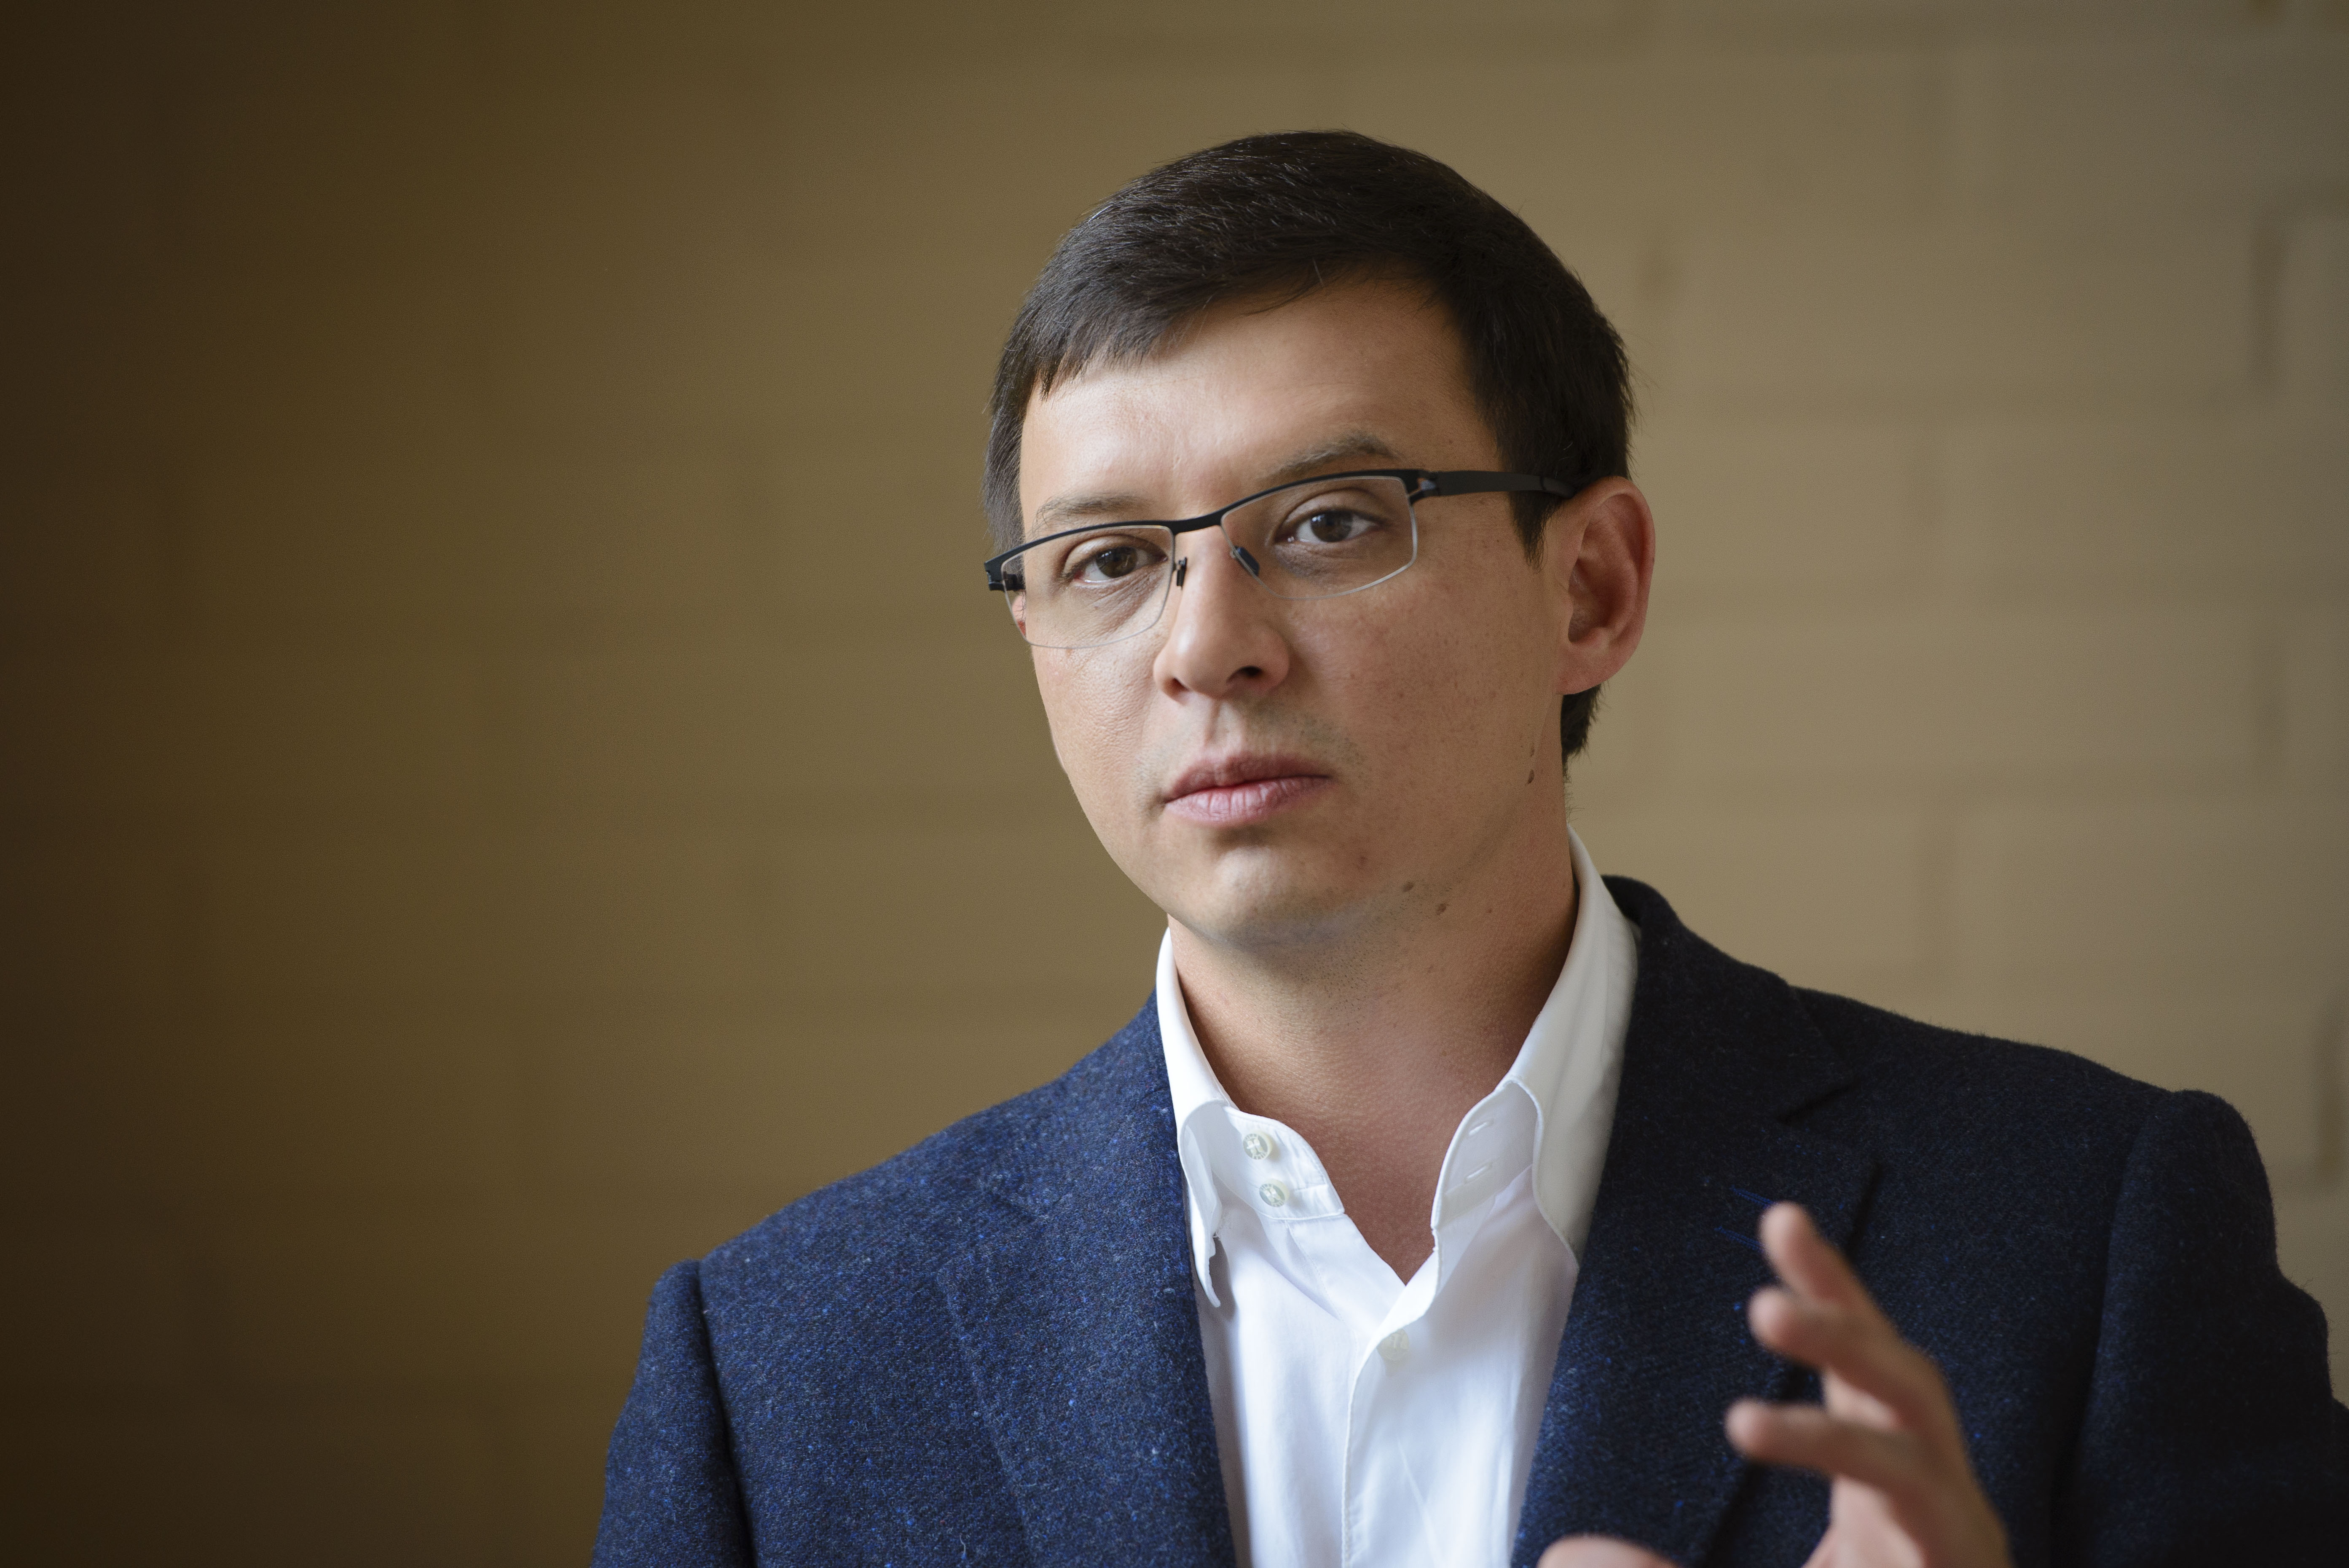 Я не дам деньги на «войнушки»: нардеп-миллионер Мураев не поделится для армии